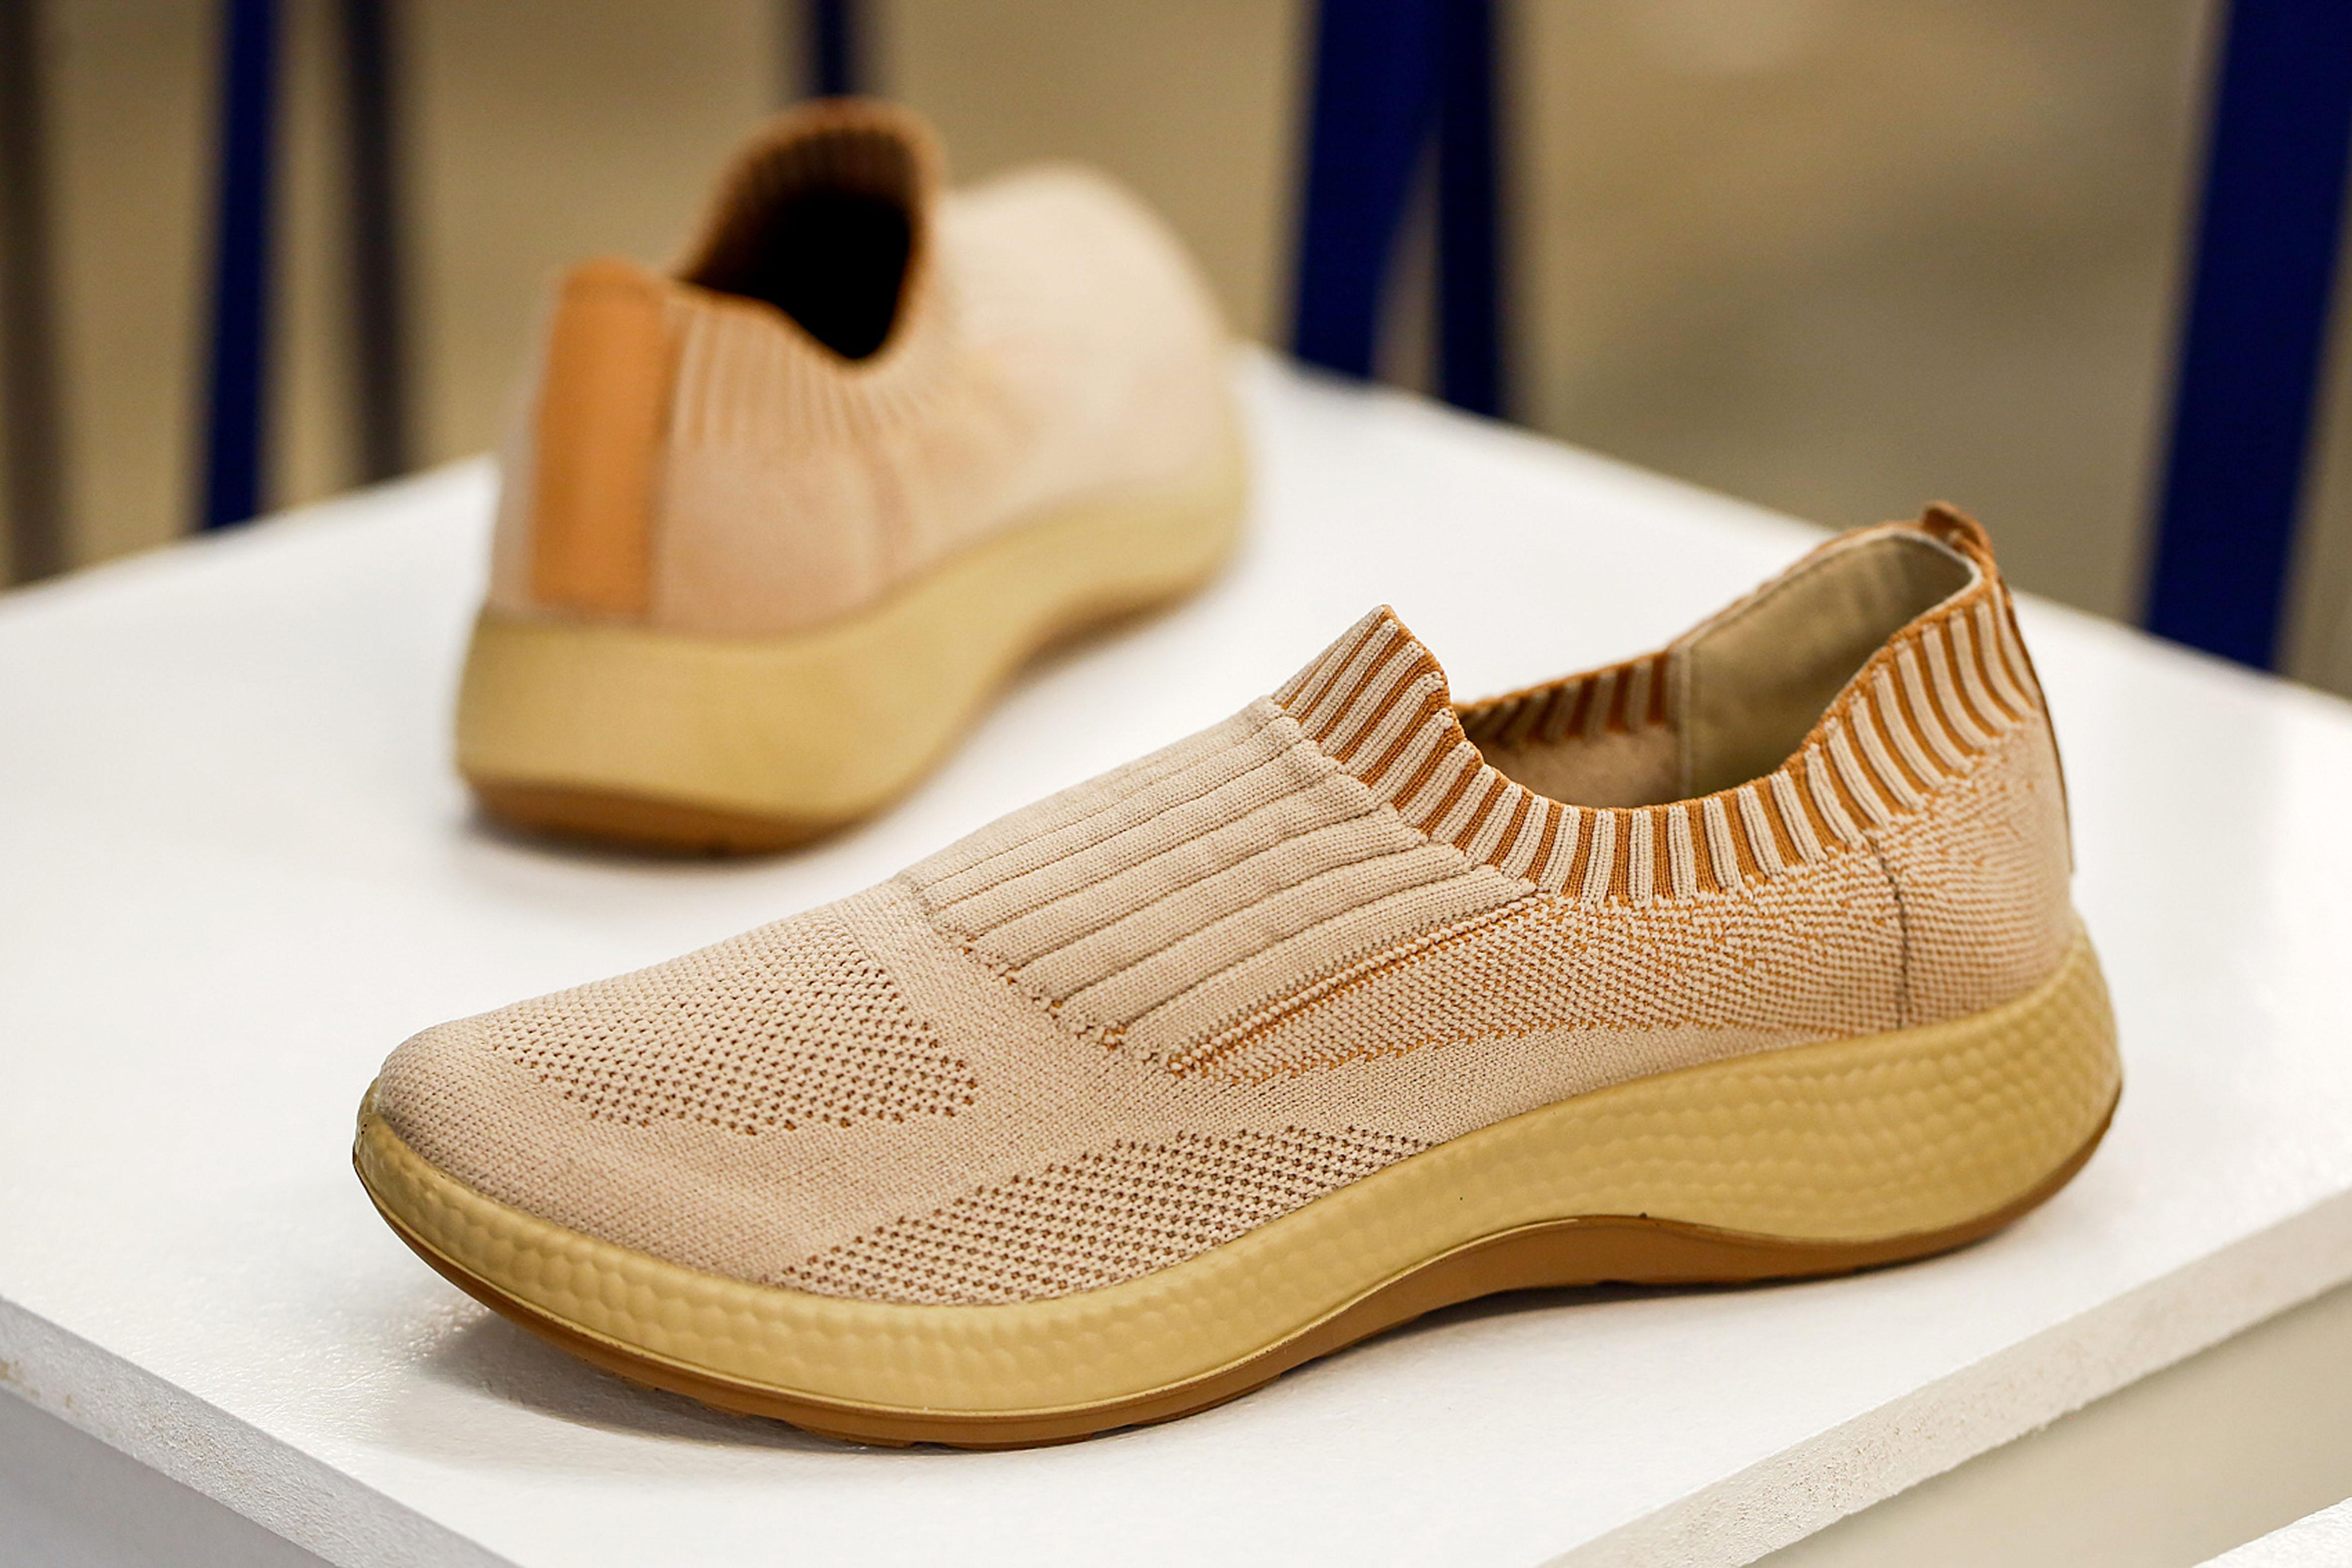 Rhodia e Usaflex lançam solução inédita e sustentável para o setor calçadista